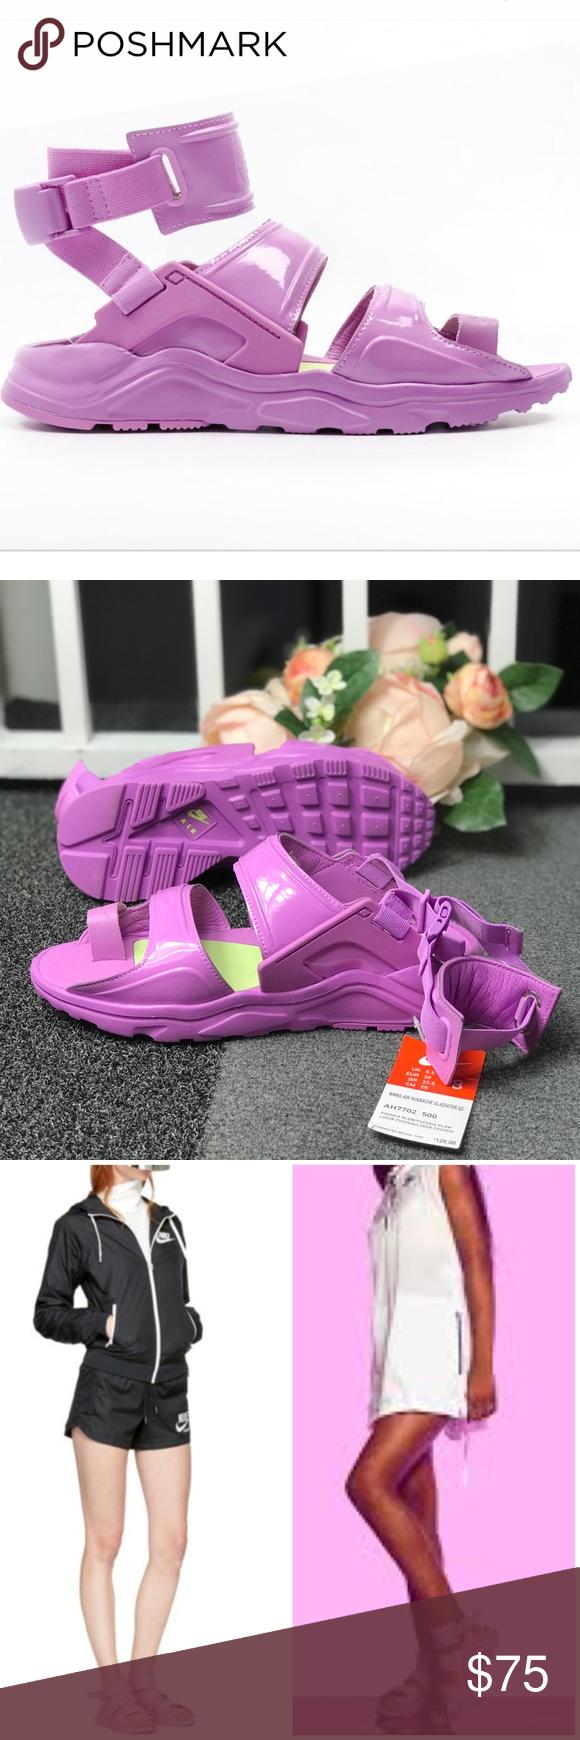 764a17e7d865 NWT Nike Air Huarache Gladiator Fuchsia Glow QS W Brand new with box ...